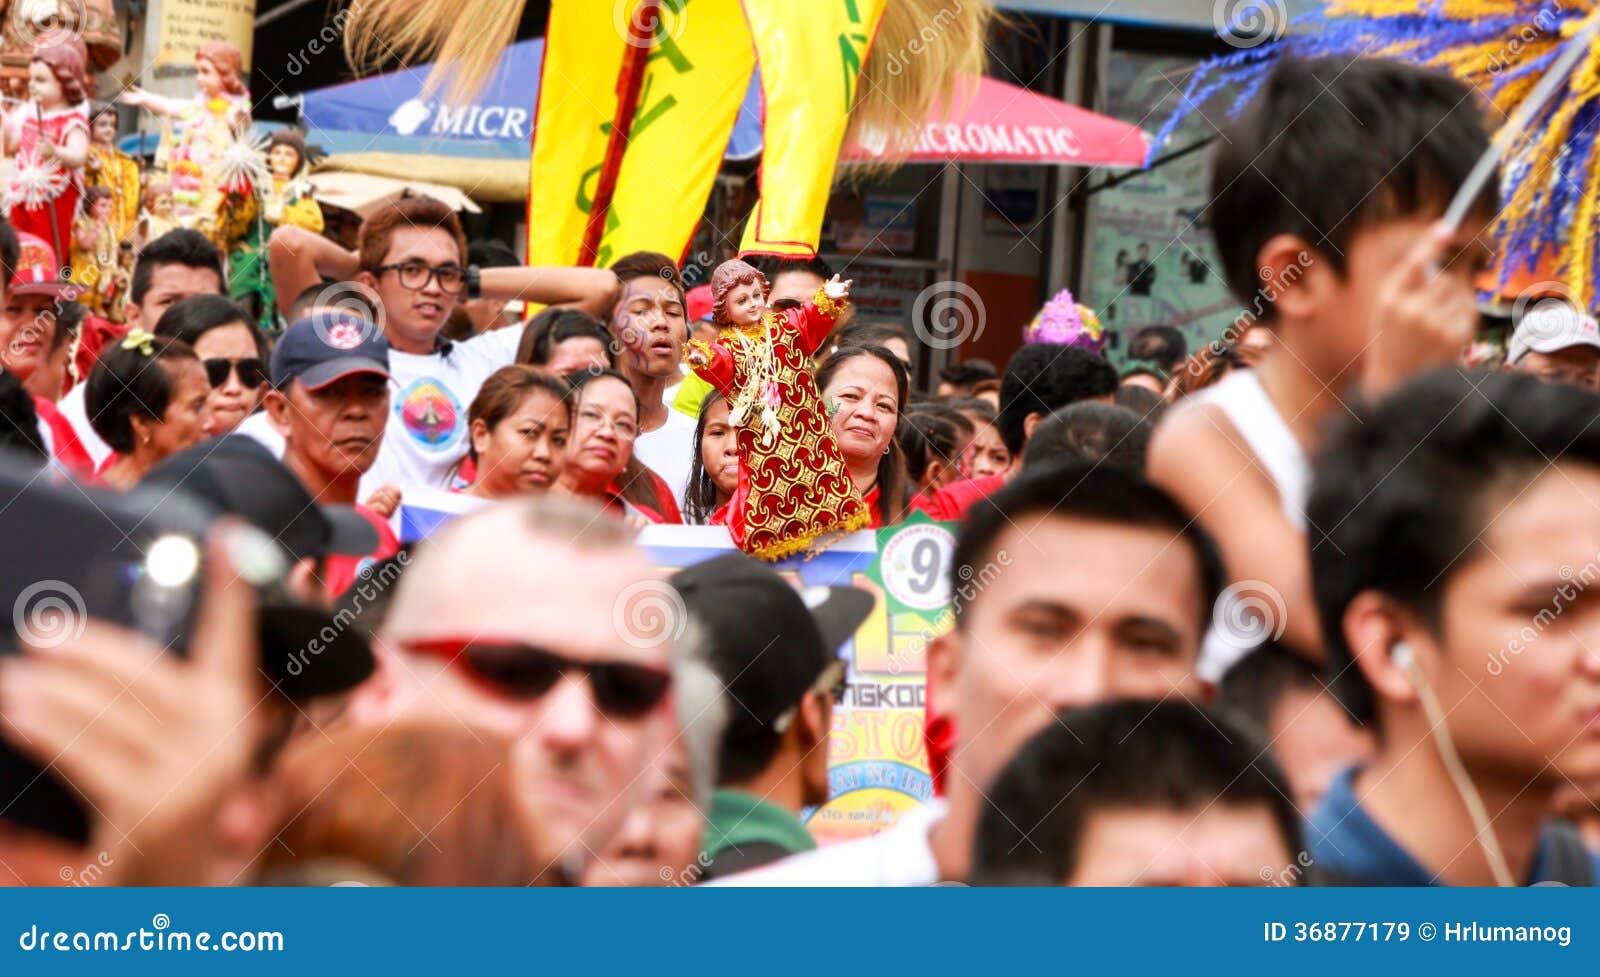 Download Sto Nino Festival Philippines Immagine Stock Editoriale - Immagine di jesus, festival: 36877179